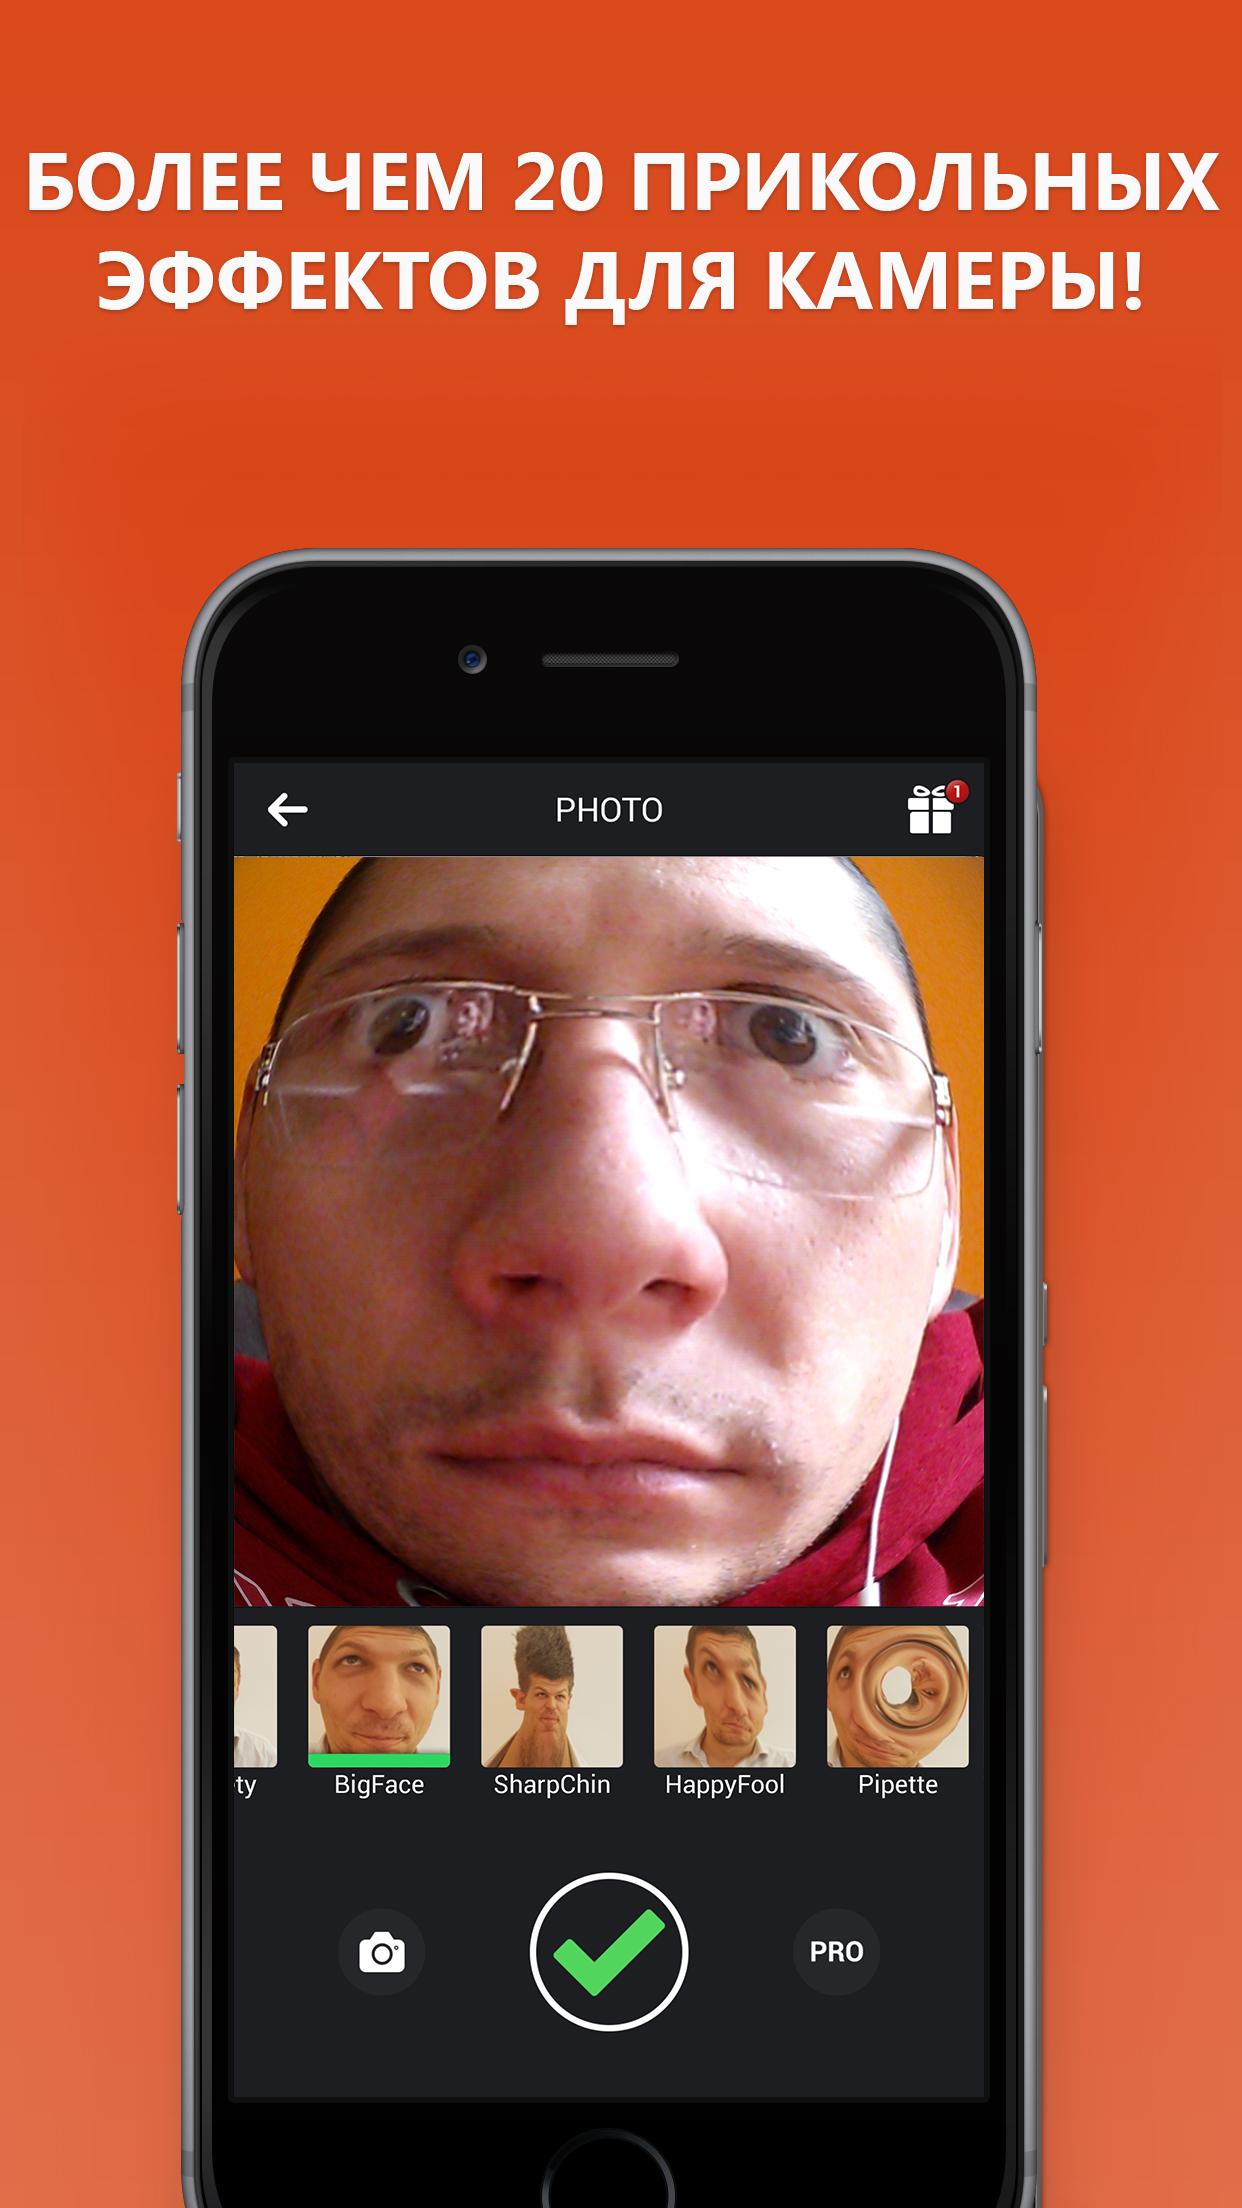 Самая прикольная приложение для фото